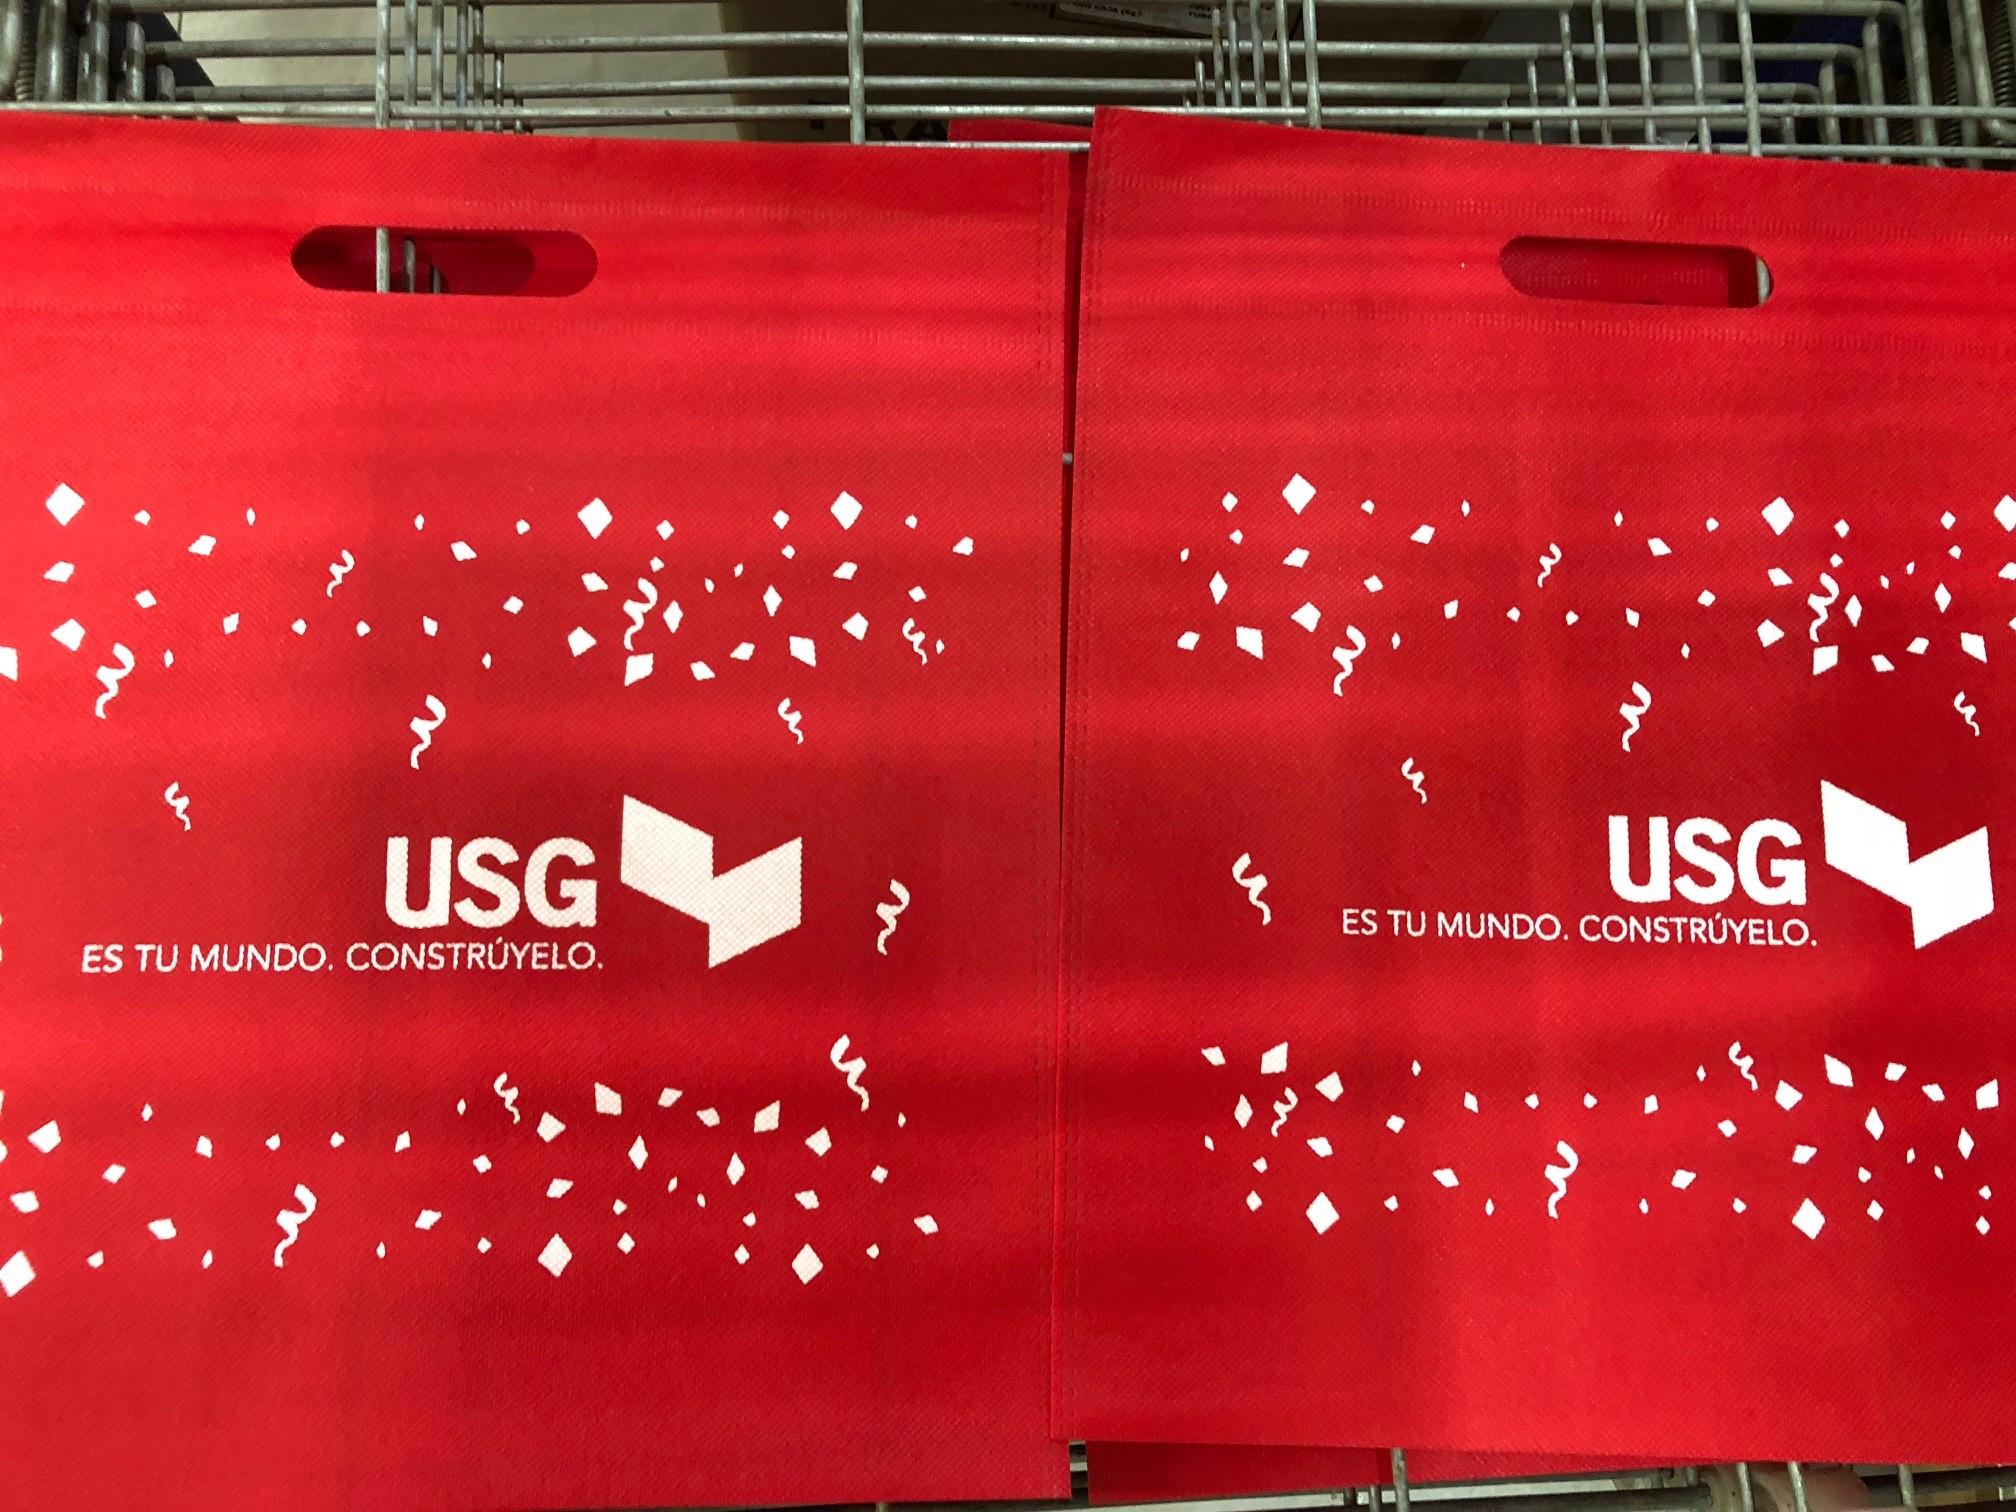 #USG #Serigrafia #KW 3, Trabajos Recientes